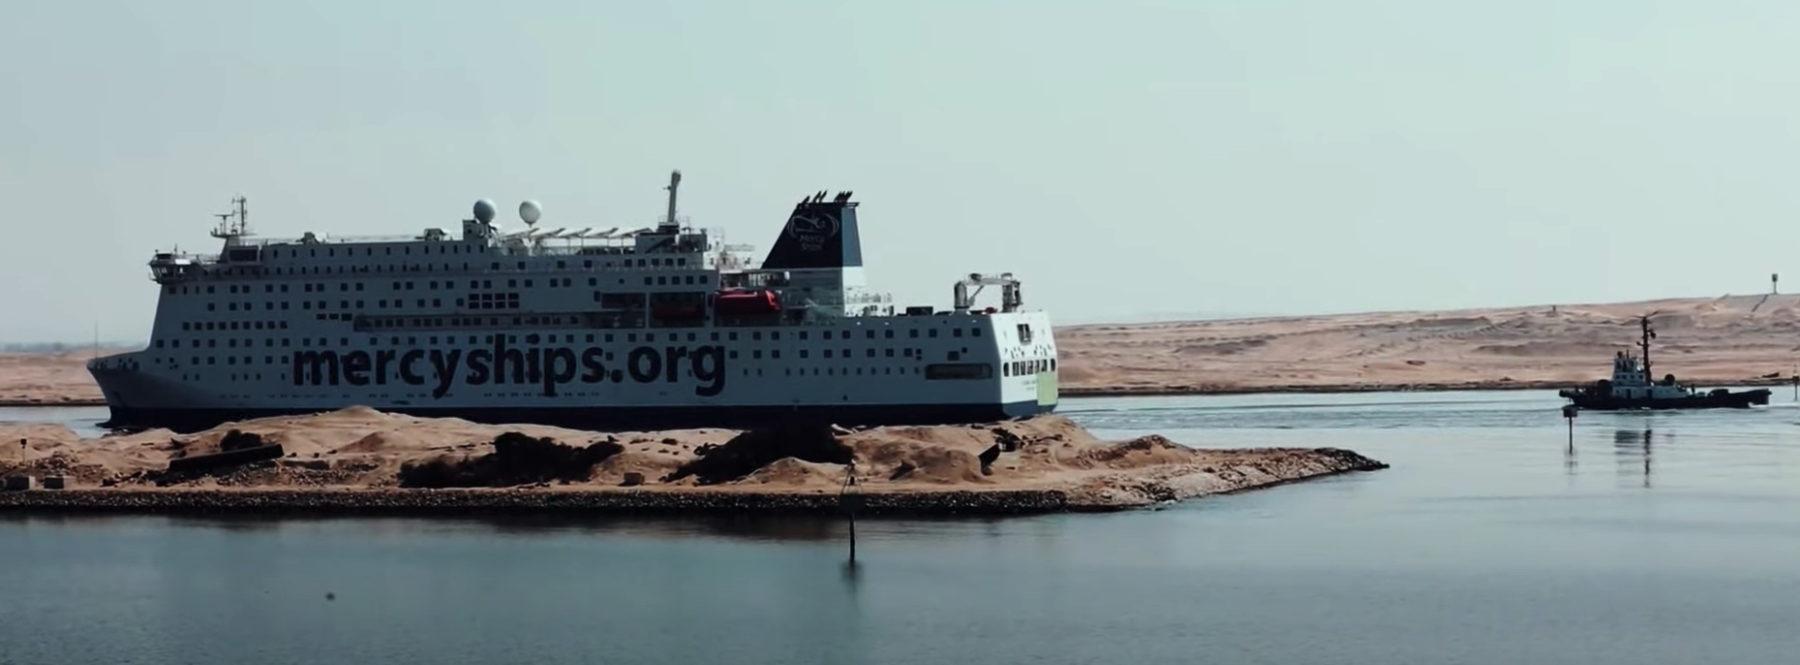 Le Global Mercy, nouveau navire-hôpital de l'ONG chrétienne Mercy Ships a traversé le canal de Suez le 28 août et accostera dans le port d'Anvers en Belgique le 12 septembre.